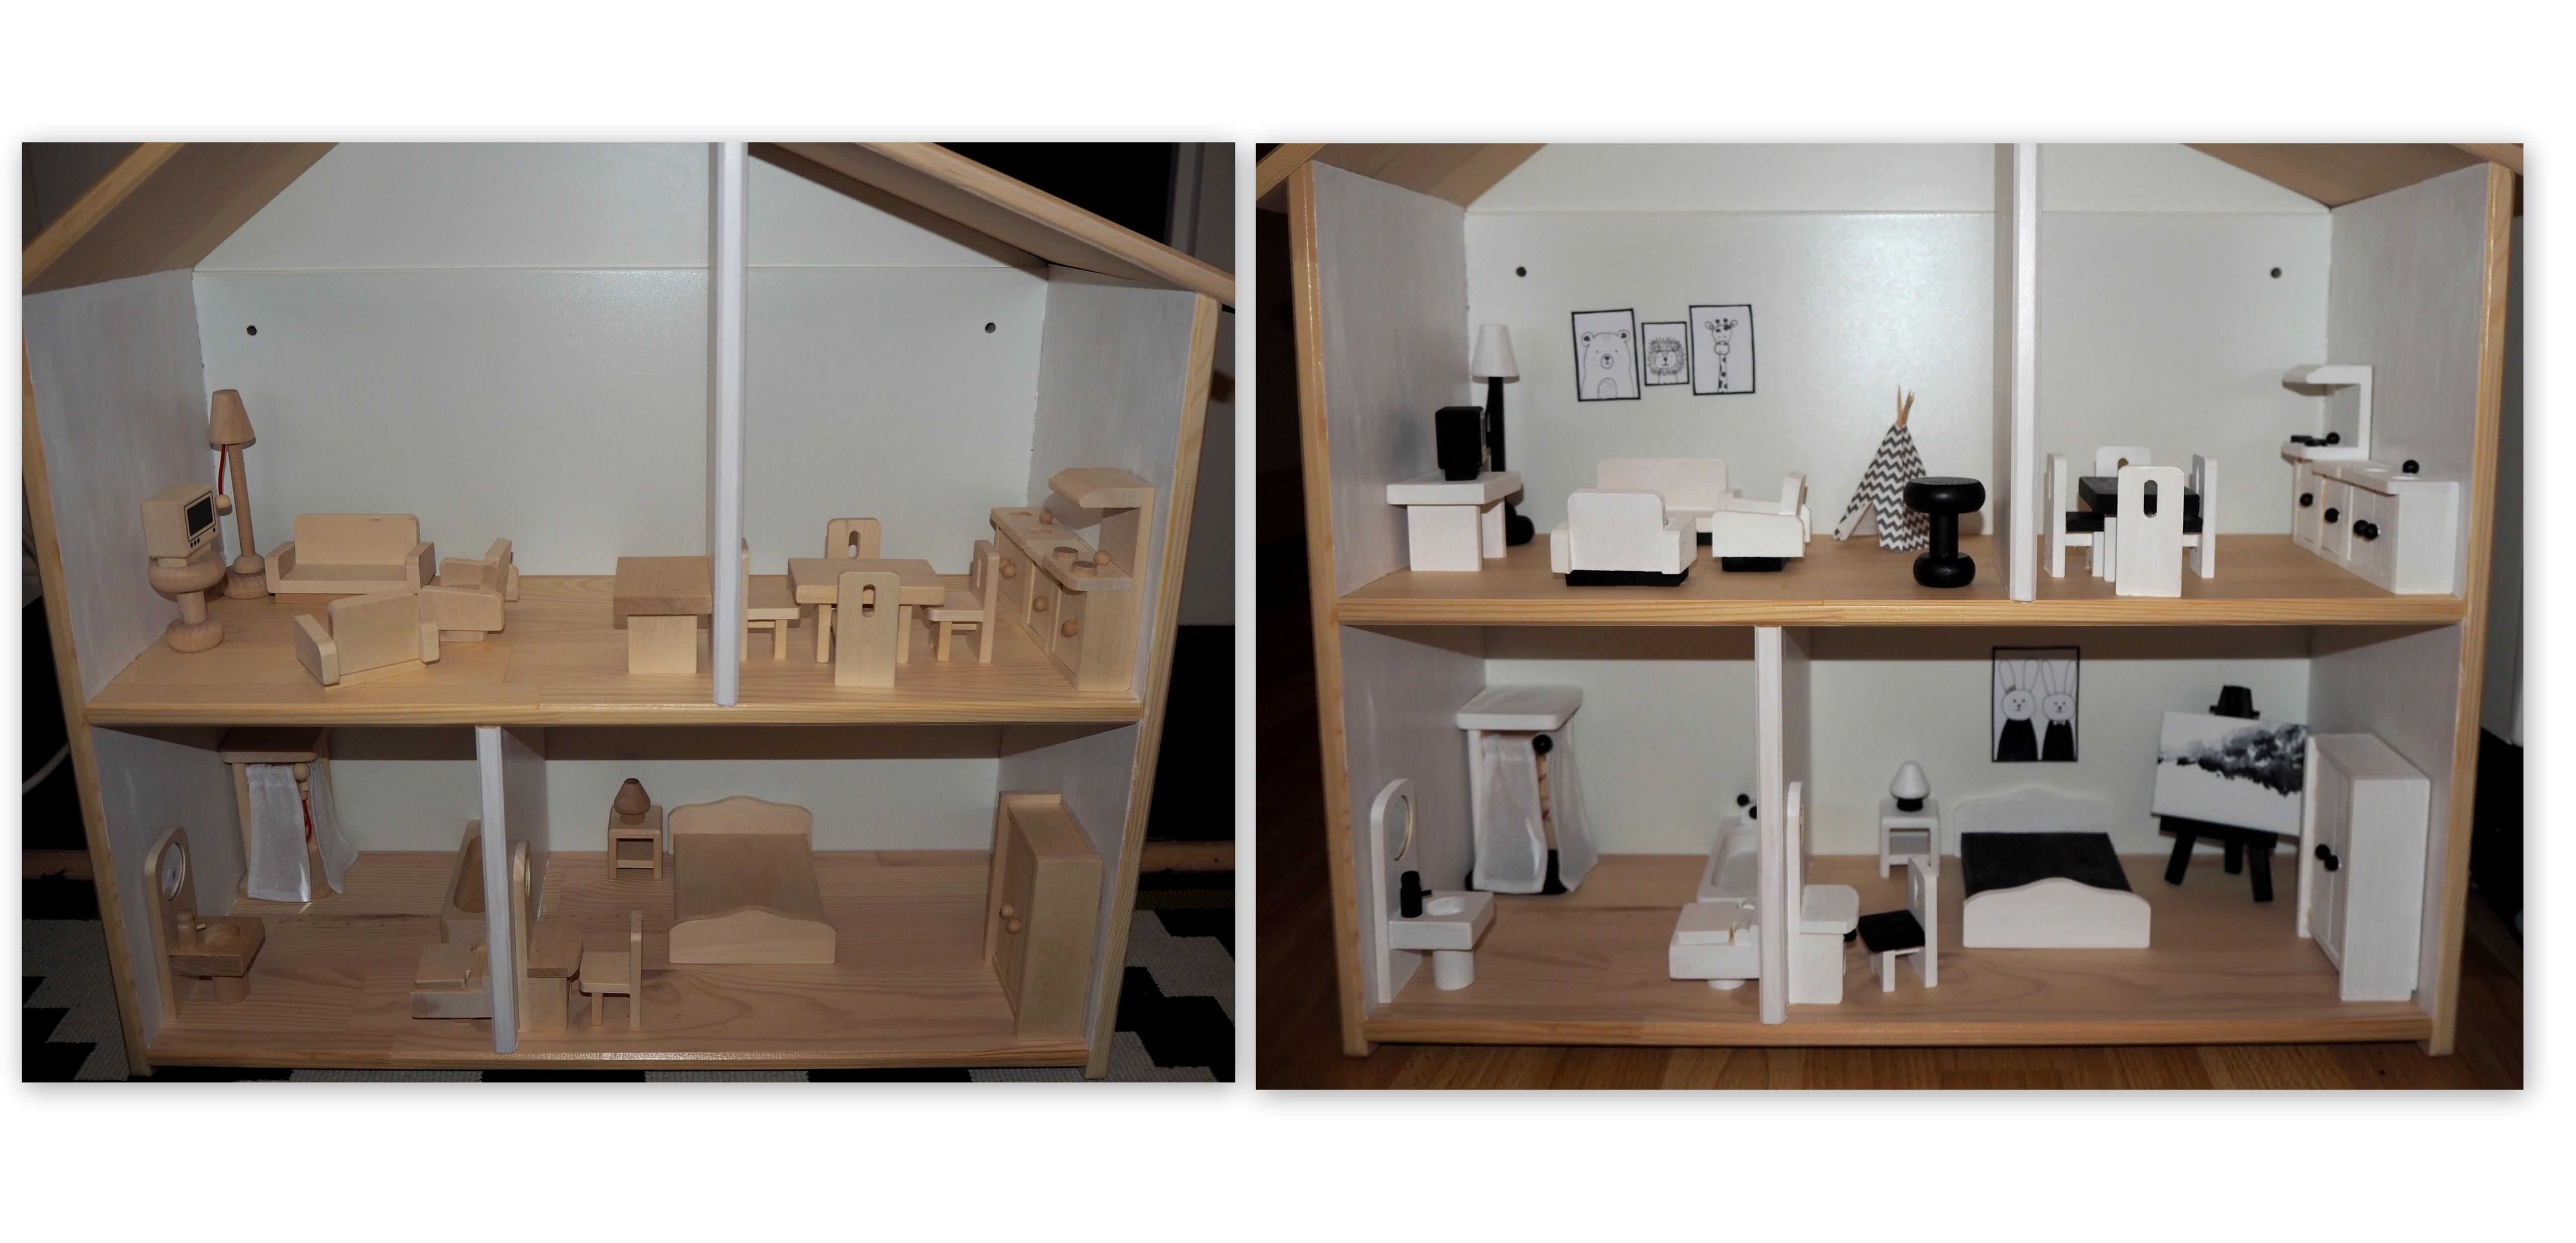 Nukkekoti ennen ja jälkeen huonekalujen maalauksen.jpg